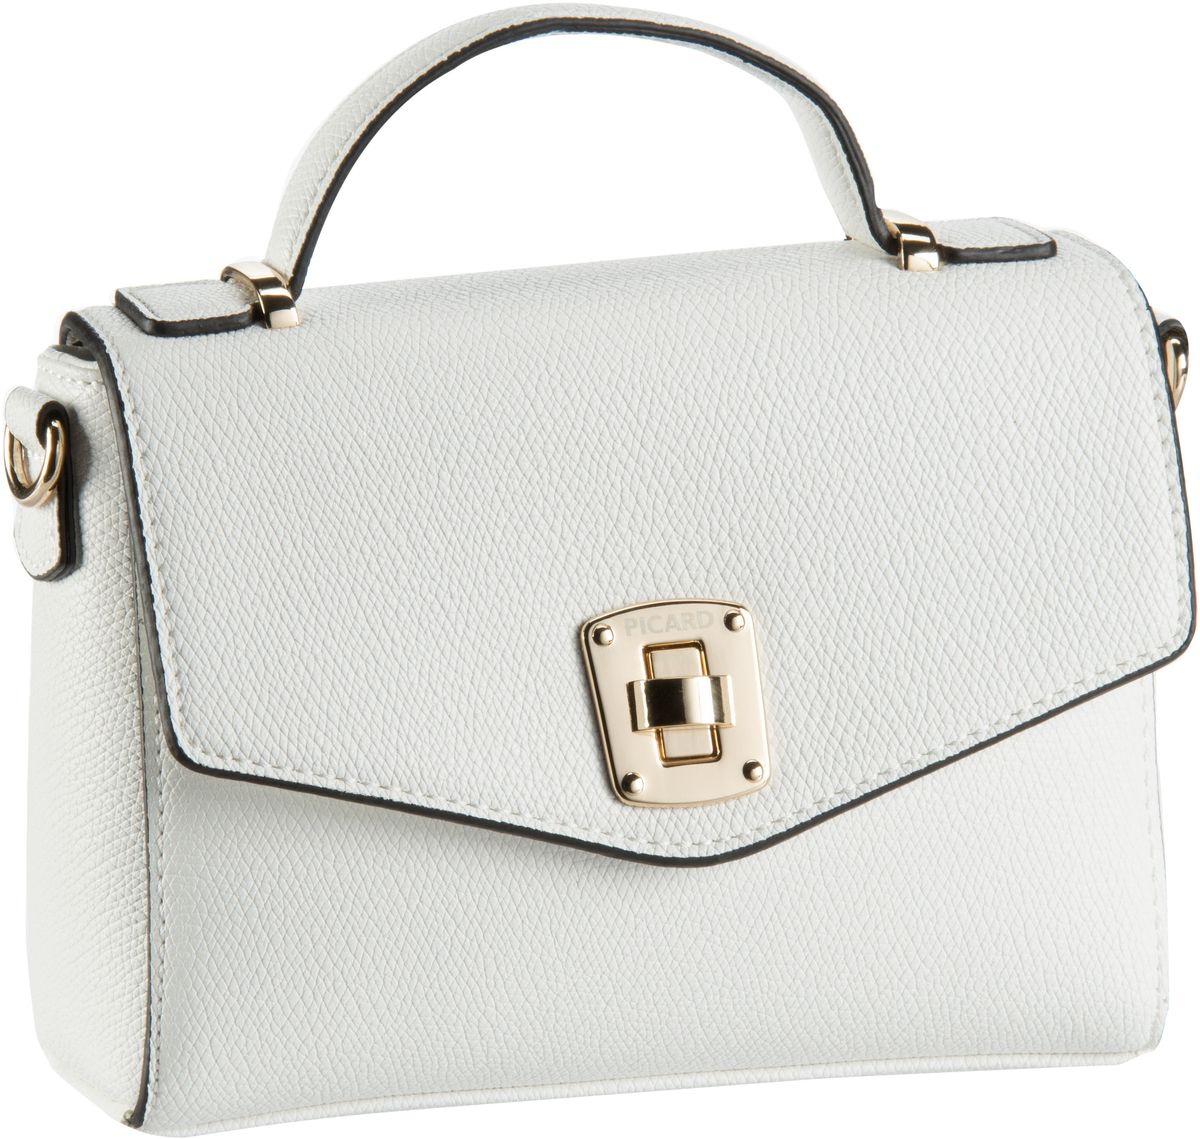 Picard Rio 2179 Damentasche Weiß - Handtasche